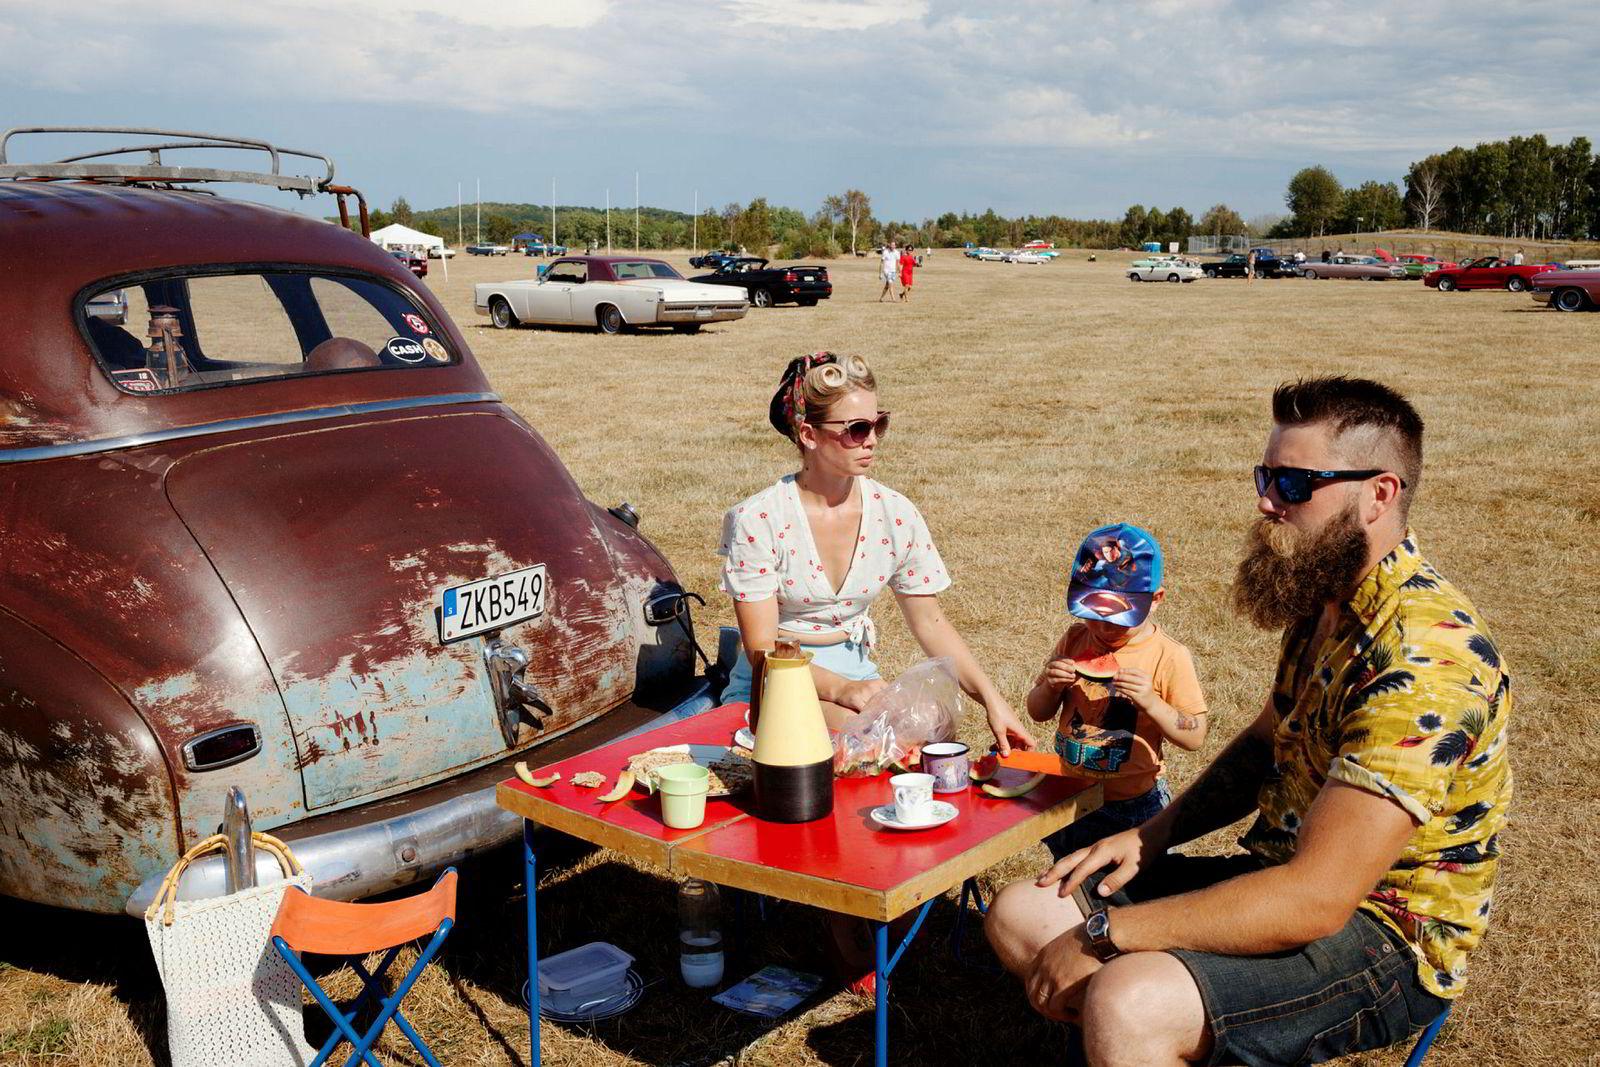 Veronica Antonsson og Nicklas Gren har innredet både leilighet, bil og piknikkbord som om de levde på 40-tallet. Til Wheels & Wings på Falkenberg kommer de med to barn og en Chevrolet Stylemaster anno 1948.